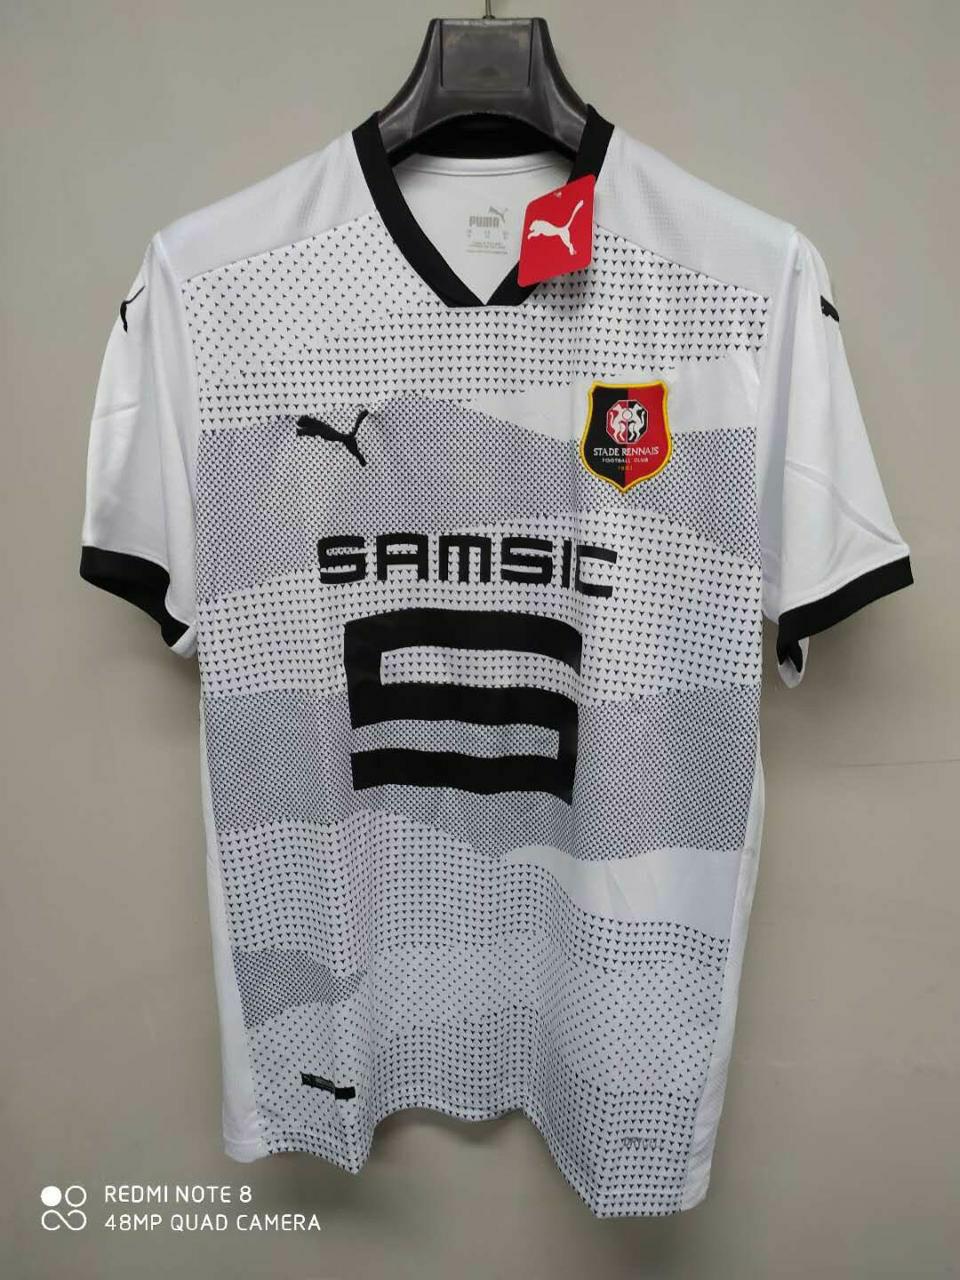 Jual Jersey Rennes Away musim 2020/2021